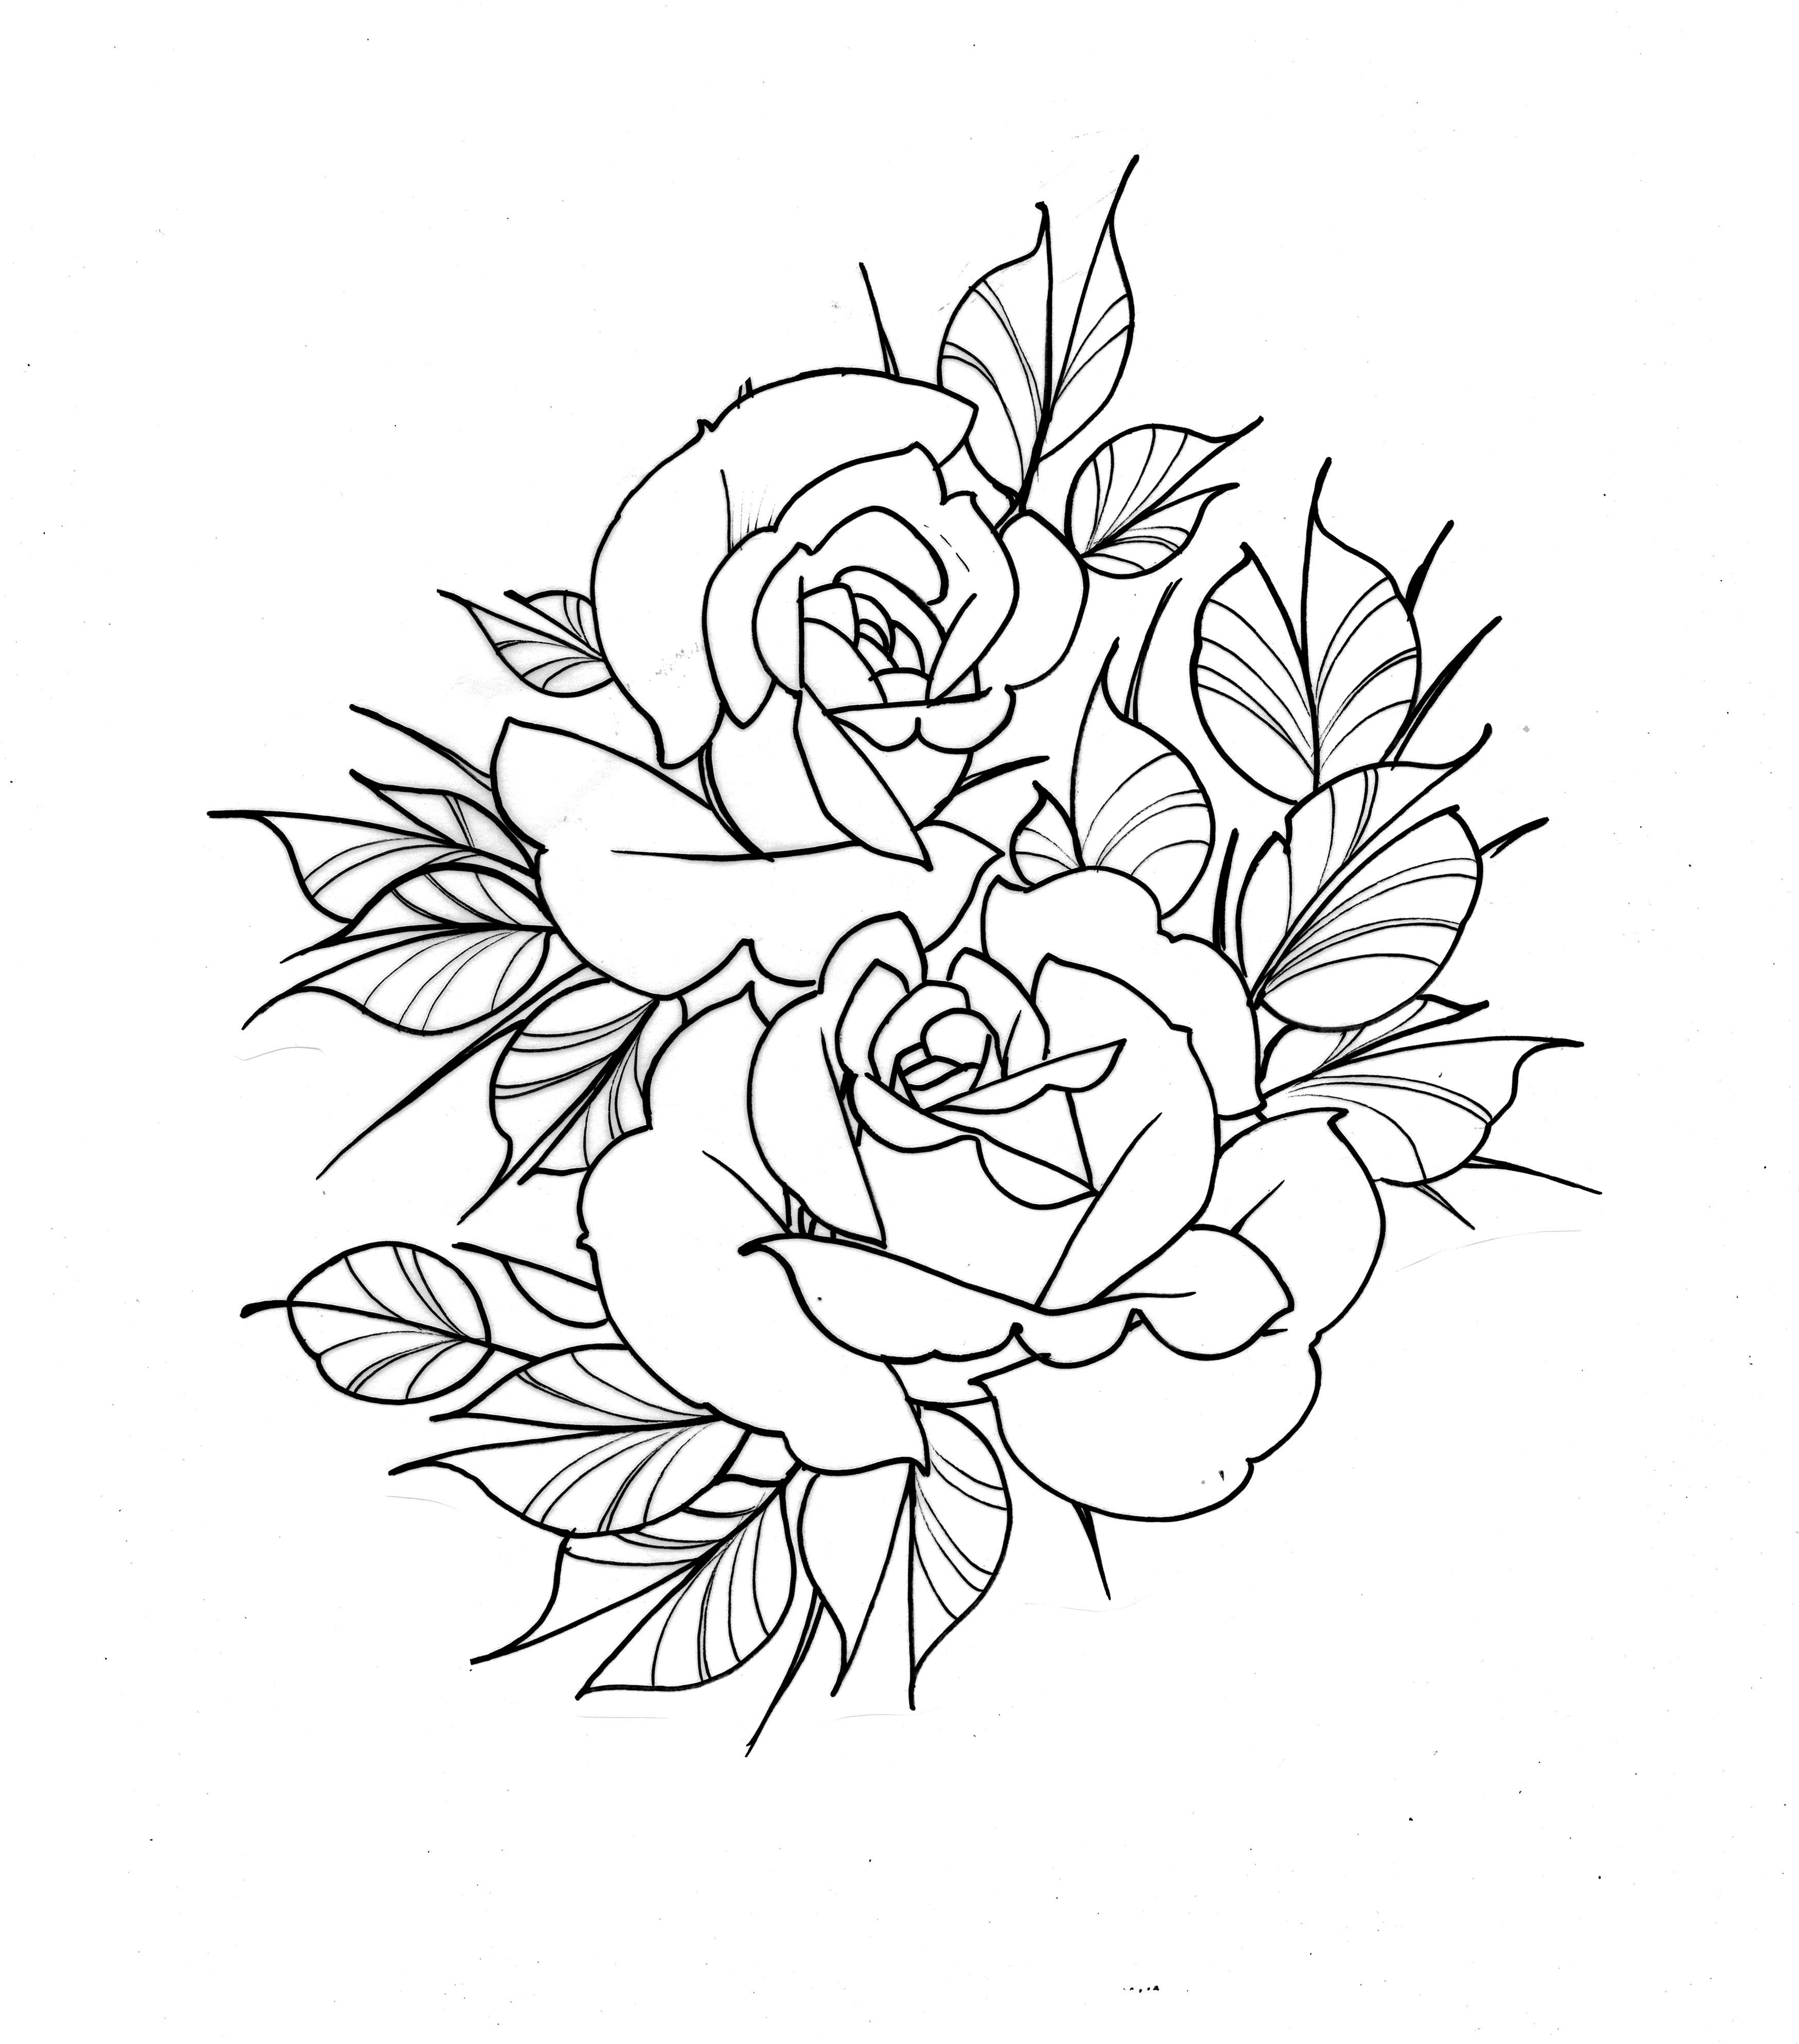 Roses Tattoo Sketch Design Sketch Tattoo Design Rose Tattoos Clock Tattoo